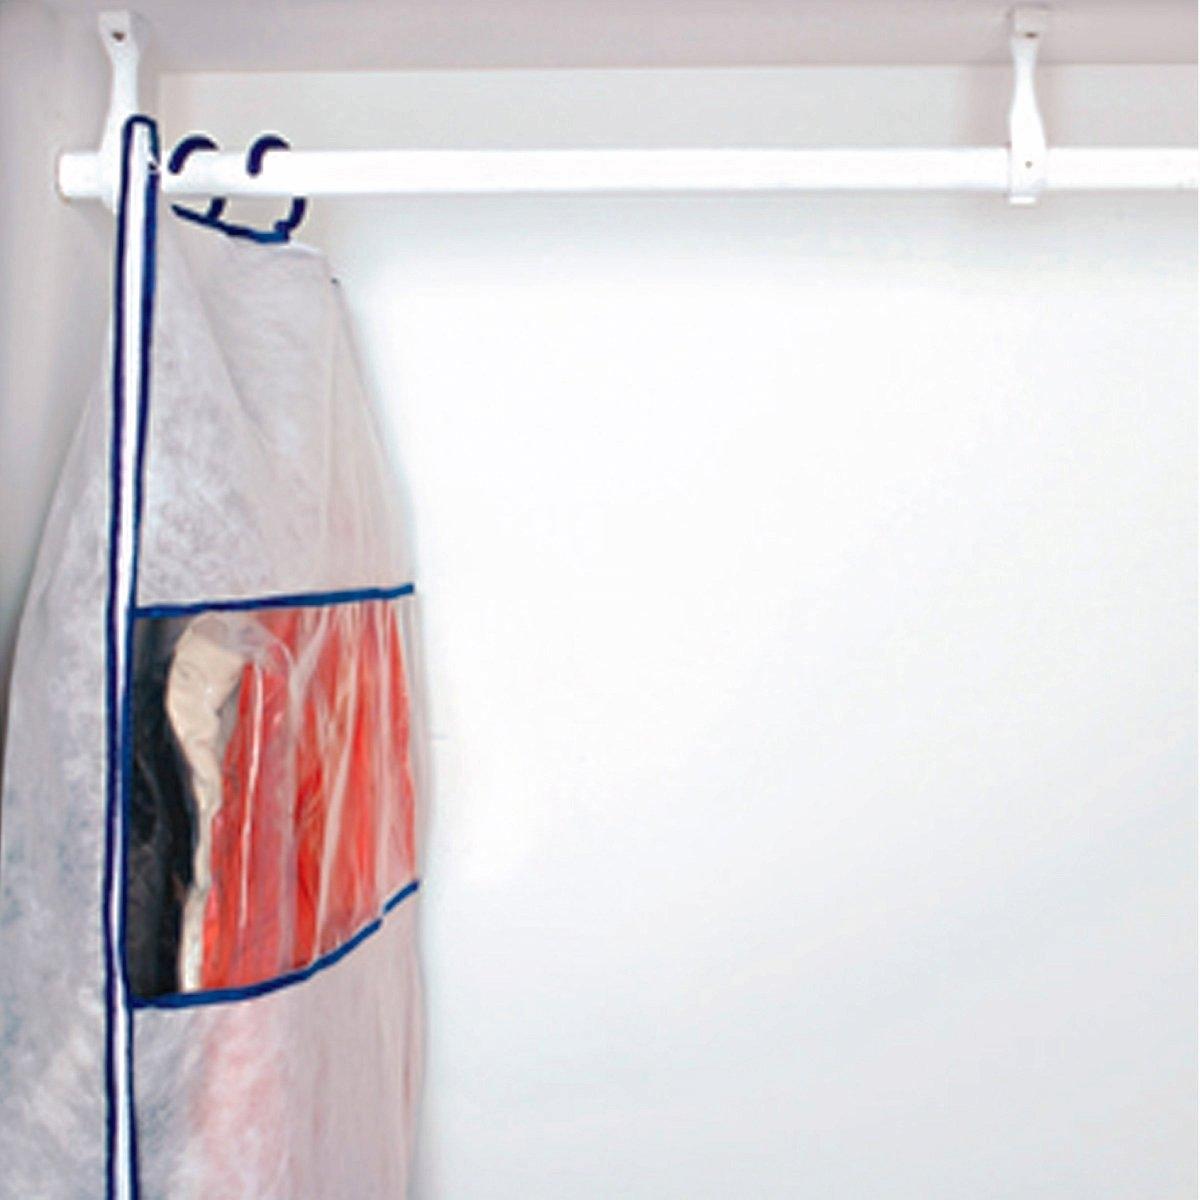 2 чехла для хранения вакуумных + 1 чехол тканныйОПИСАНИЕ ЧЕХЛА : В комплект входит  :2 вакуумных чехла :  из пластичного прозрачного материала для вещей на вешалке, застежка на молнию  . Откачка воздуха с помощью пылесоса  .- 1 чехол из ткани : белого цвета с синей окантовкой с окошком из прозрачного пластика спереди . Застежка на молнию. Продается с 2 крючками для крепления на вакуумные чехлы  .Размеры : - Вакуумный чехол : 70 x 144 см  .- Чехол из ткани :  72 x 150 см .<br><br>Цвет: белый/синяя отделка